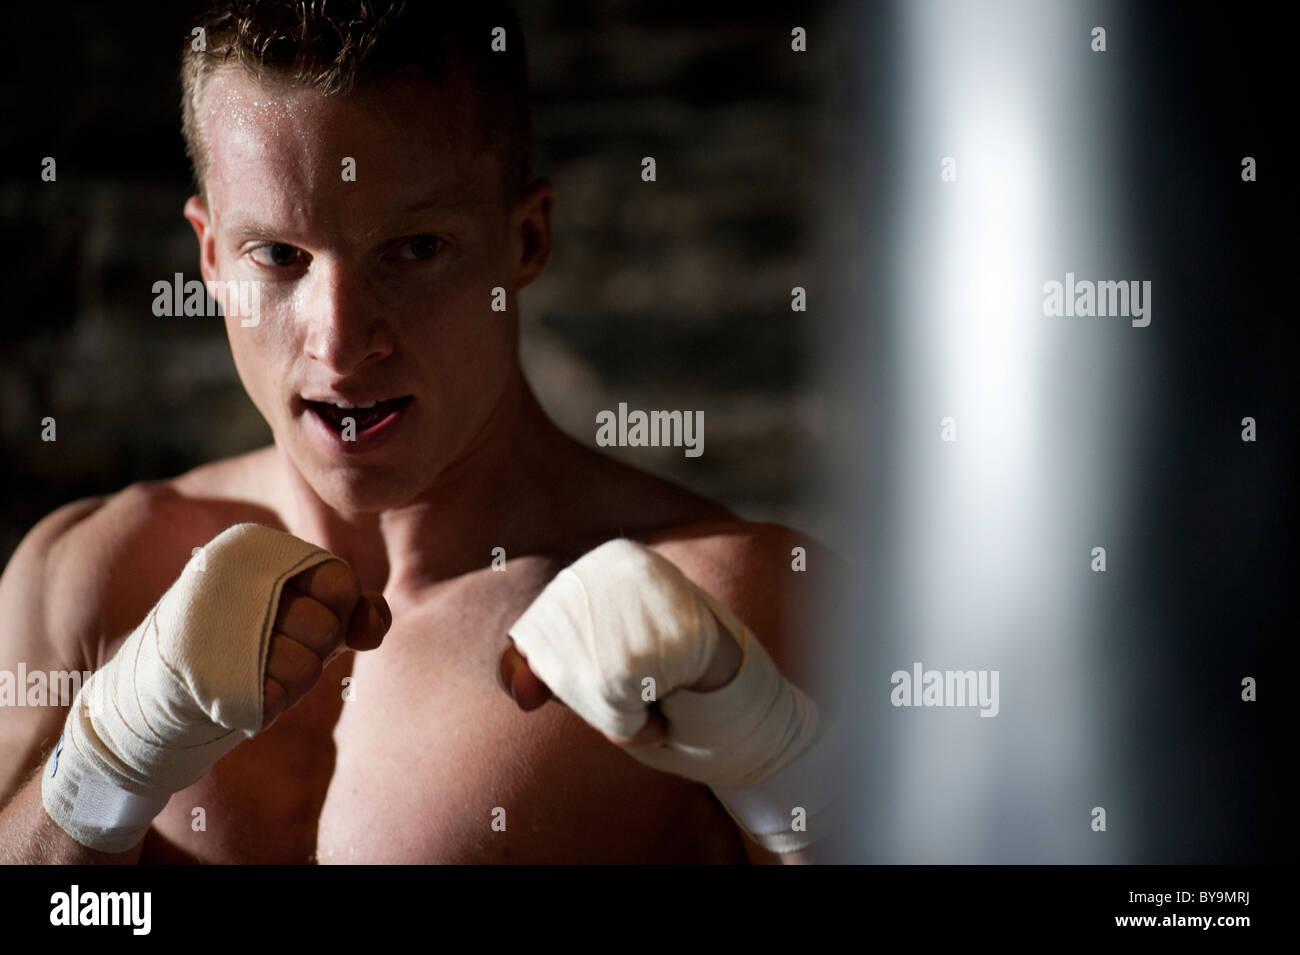 Un hombre físicamente apto ejercicios utilizando un saco de boxeo en un gimnasio. Imagen De Stock